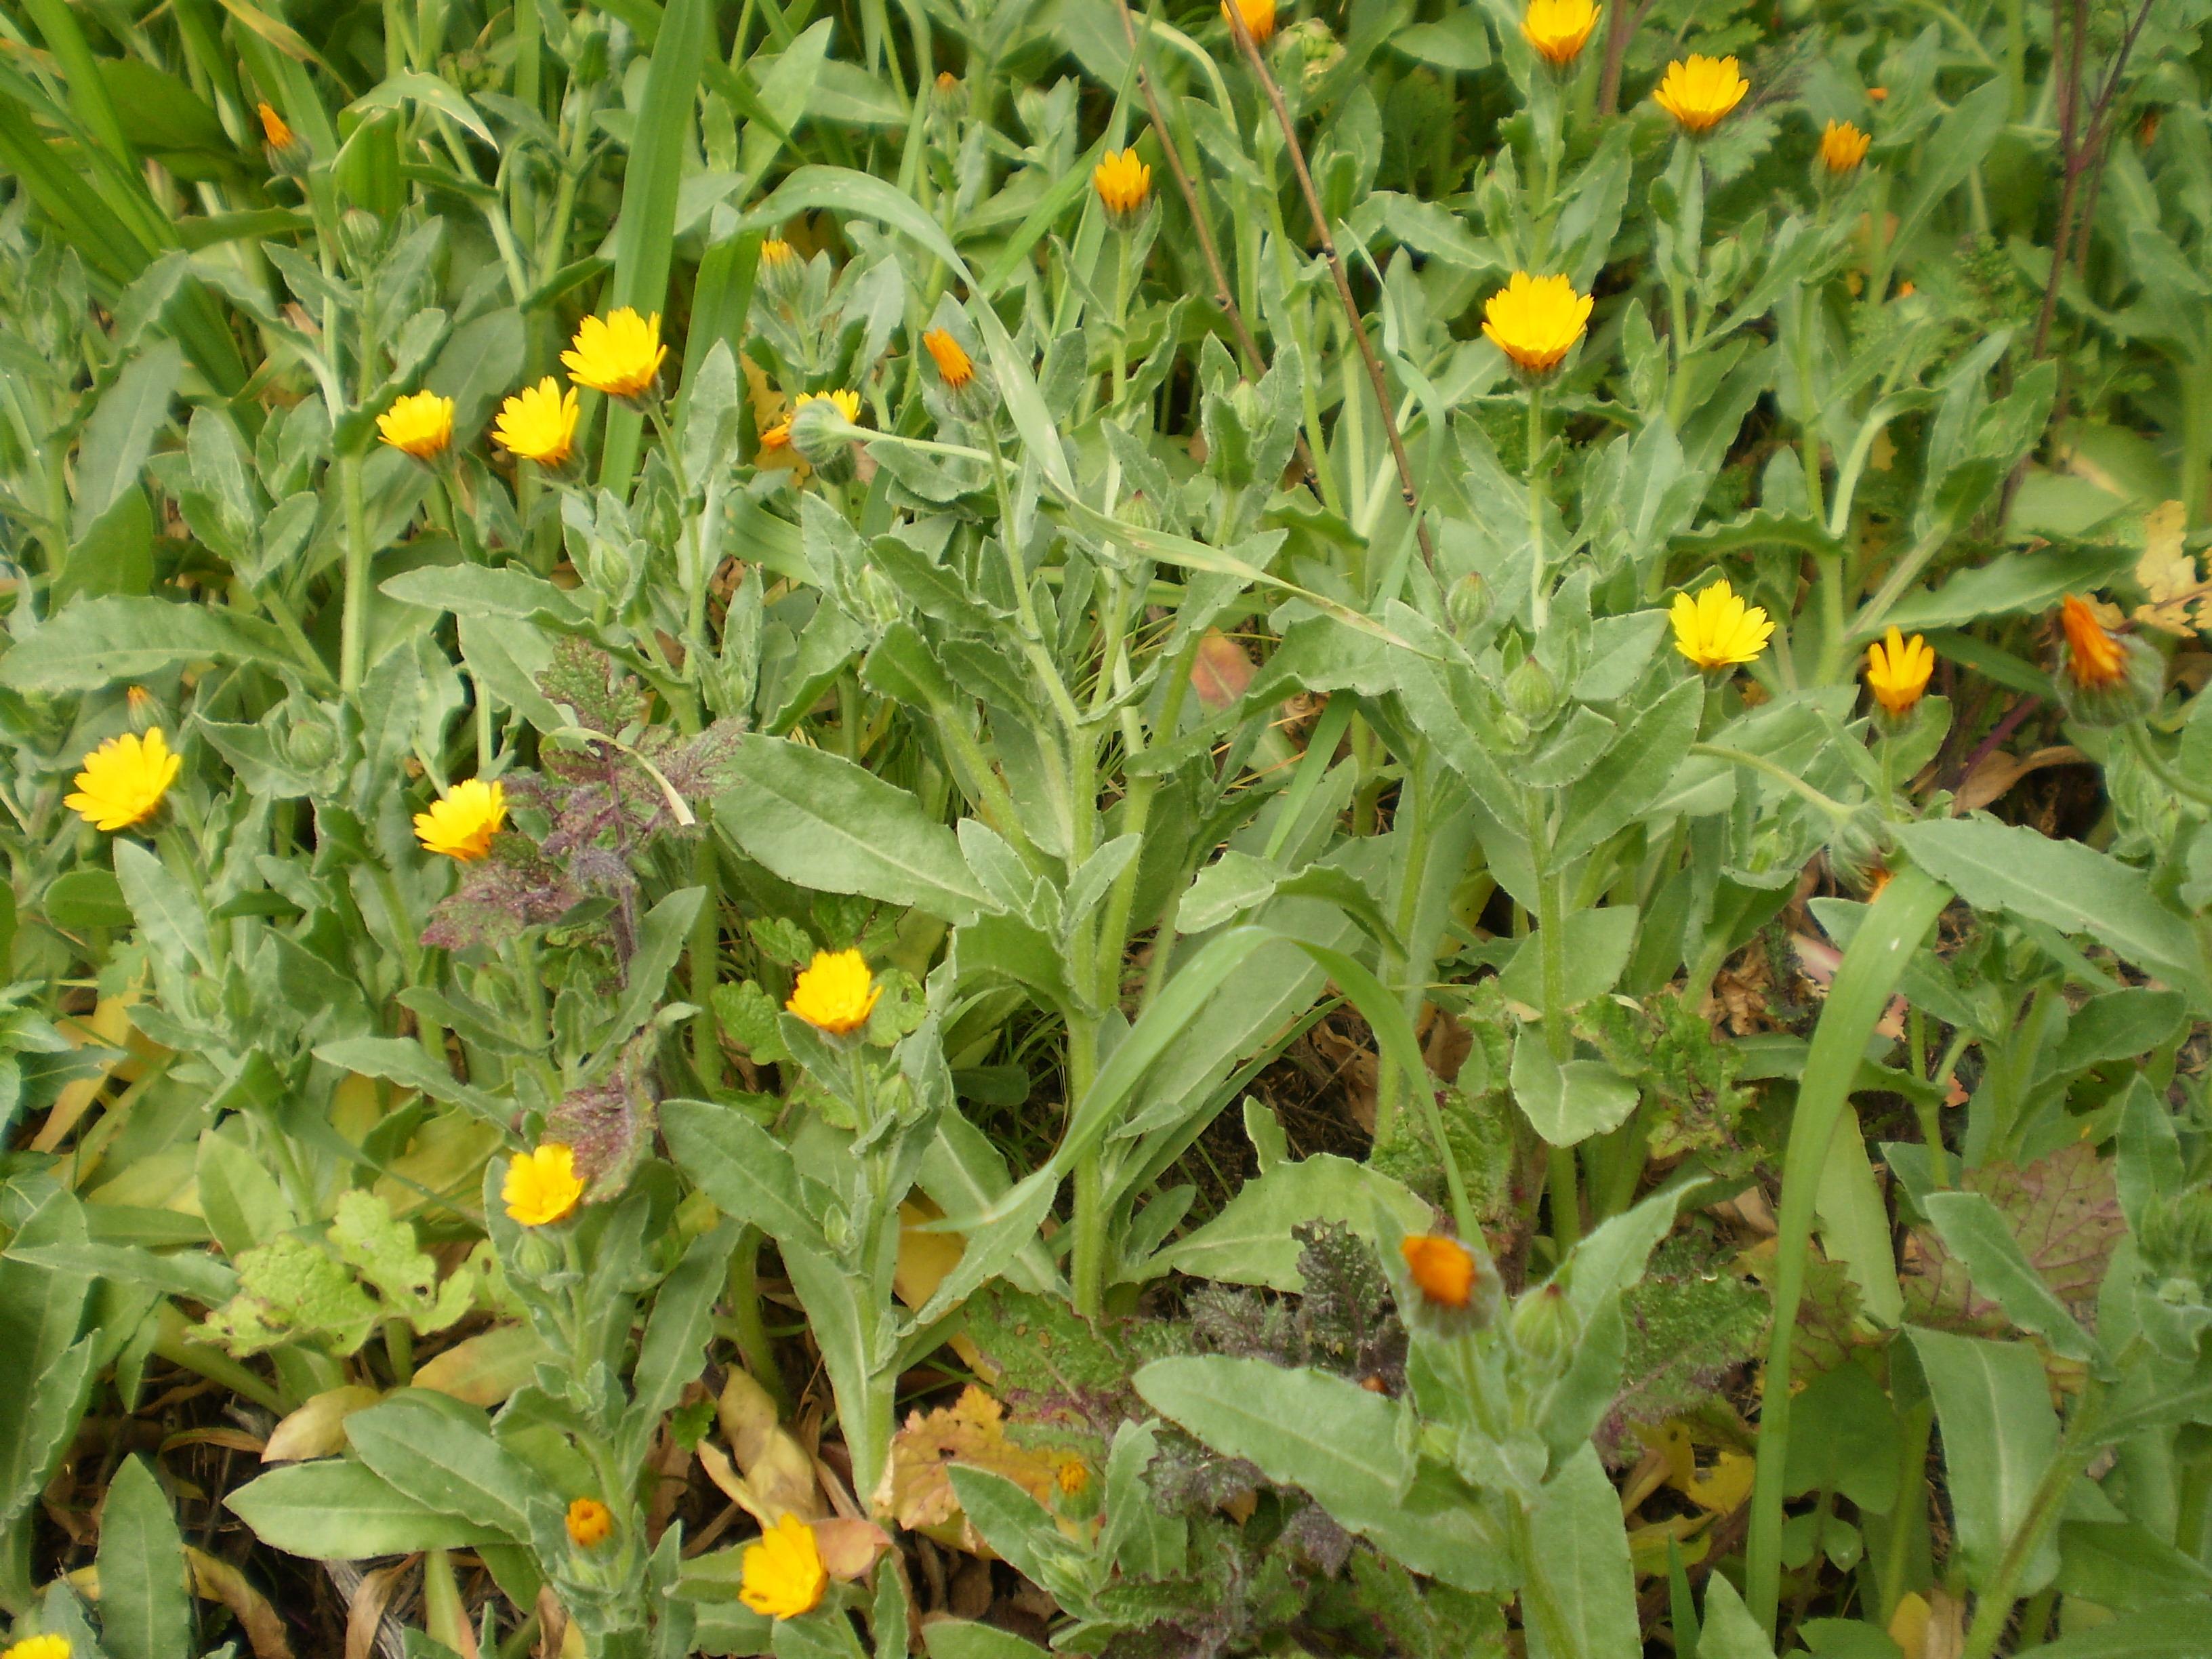 FAVAGELLO Ranunculus ficaria  E\u0027 una delle prime piante e vedersi alla  fine dell\u0027inverno, a volte anche tra le ultime nevi. Le giovani foglie in  primavera